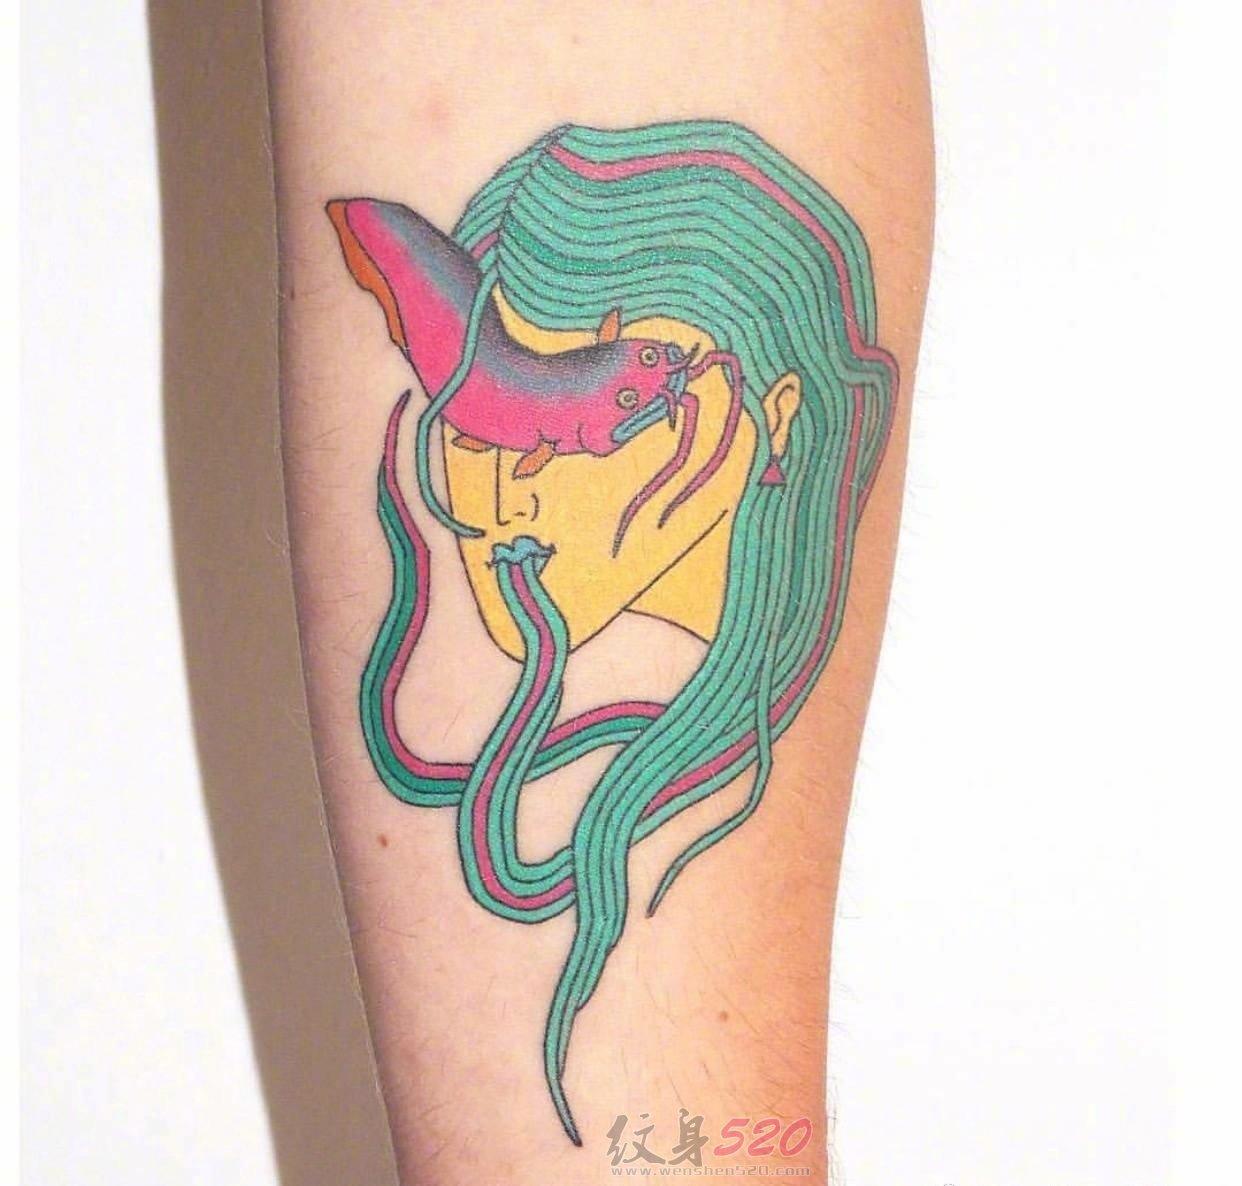 女生手臂上彩绘水彩创意画中画抽象漫画纹身图案